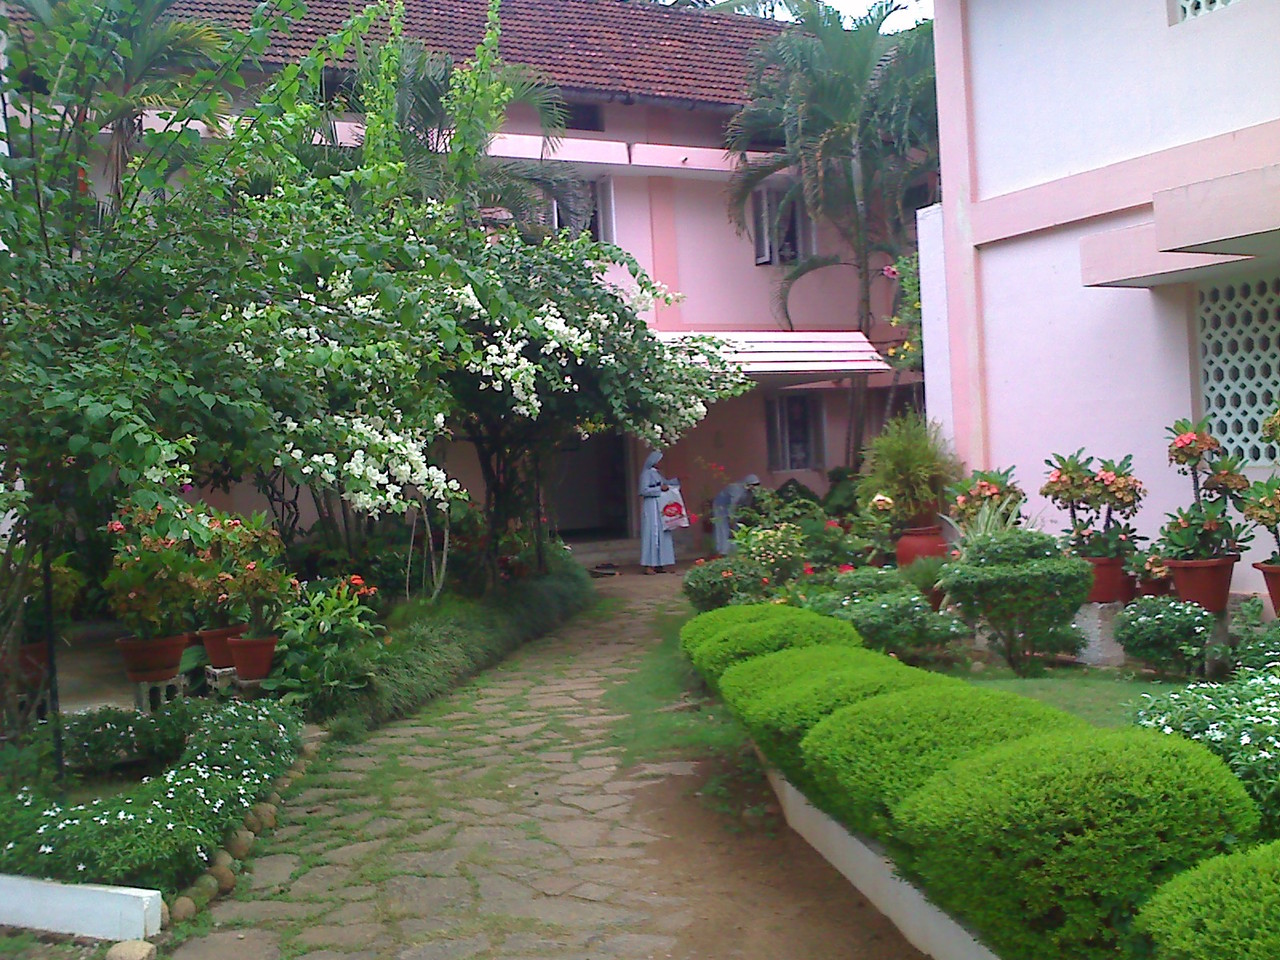 Prima Casa in India (Mundamveli - Kerala, India)